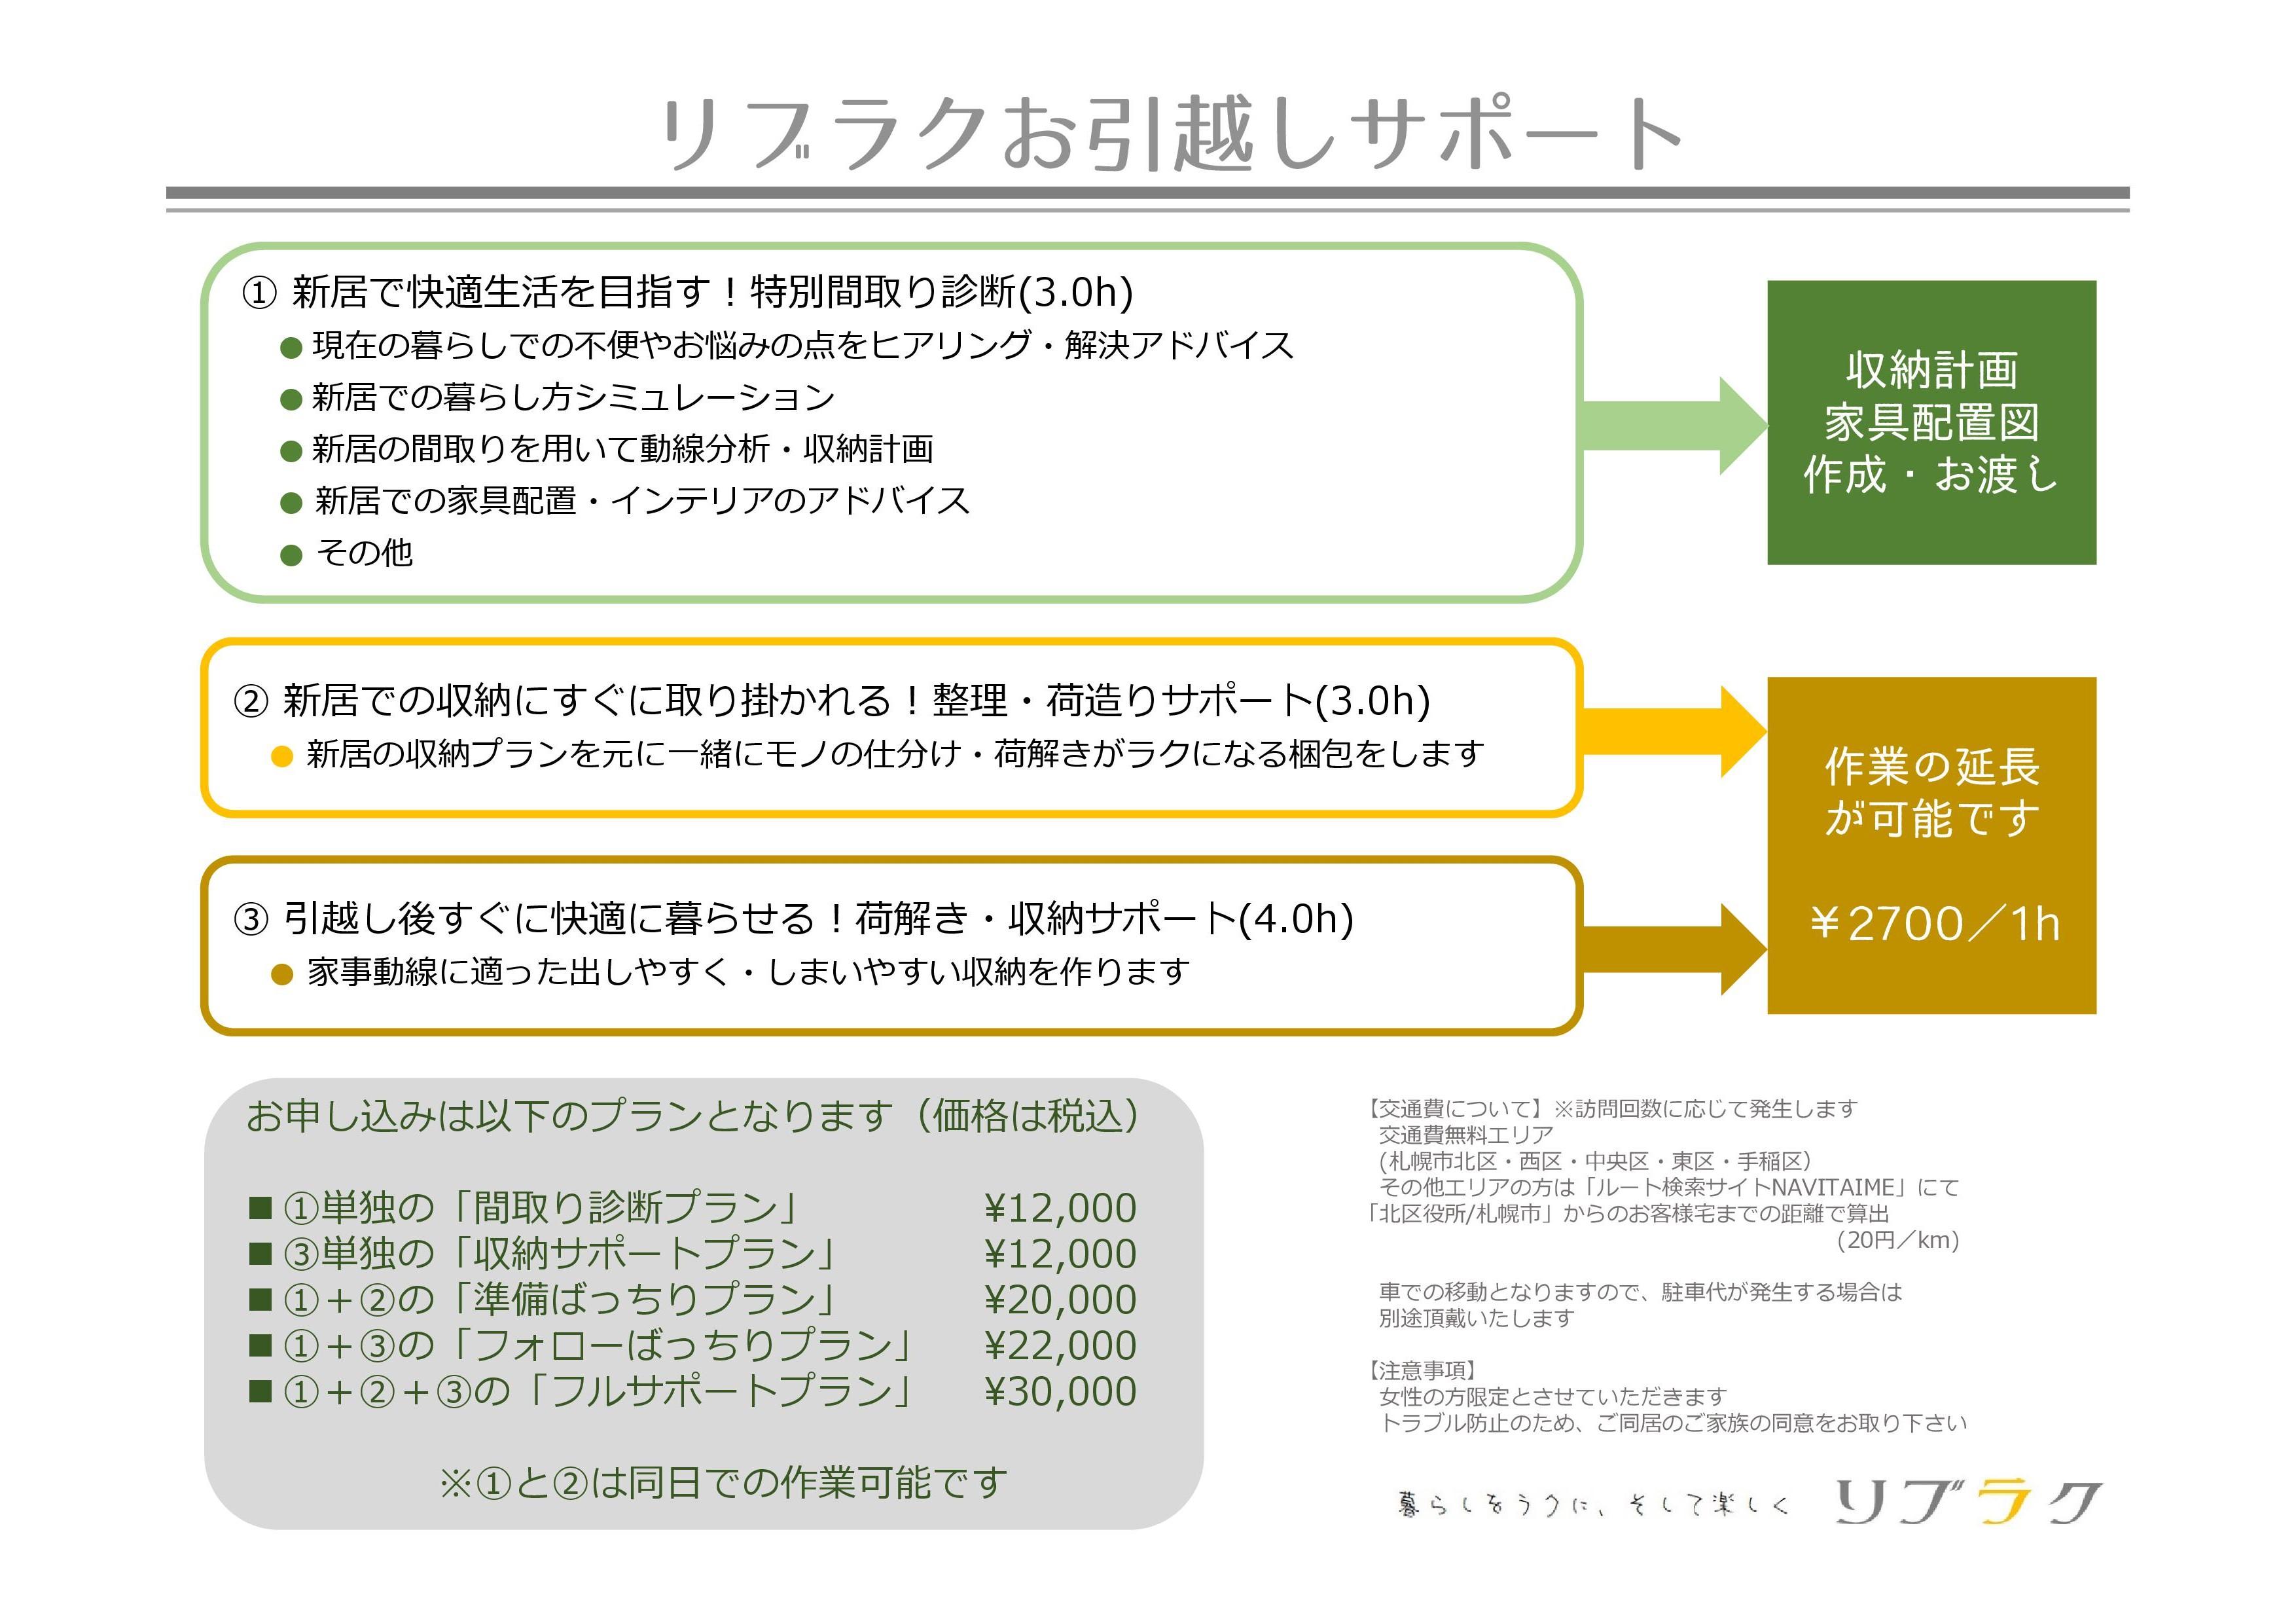 Microsoft PowerPoint - リブラクお引越しサポートプラン